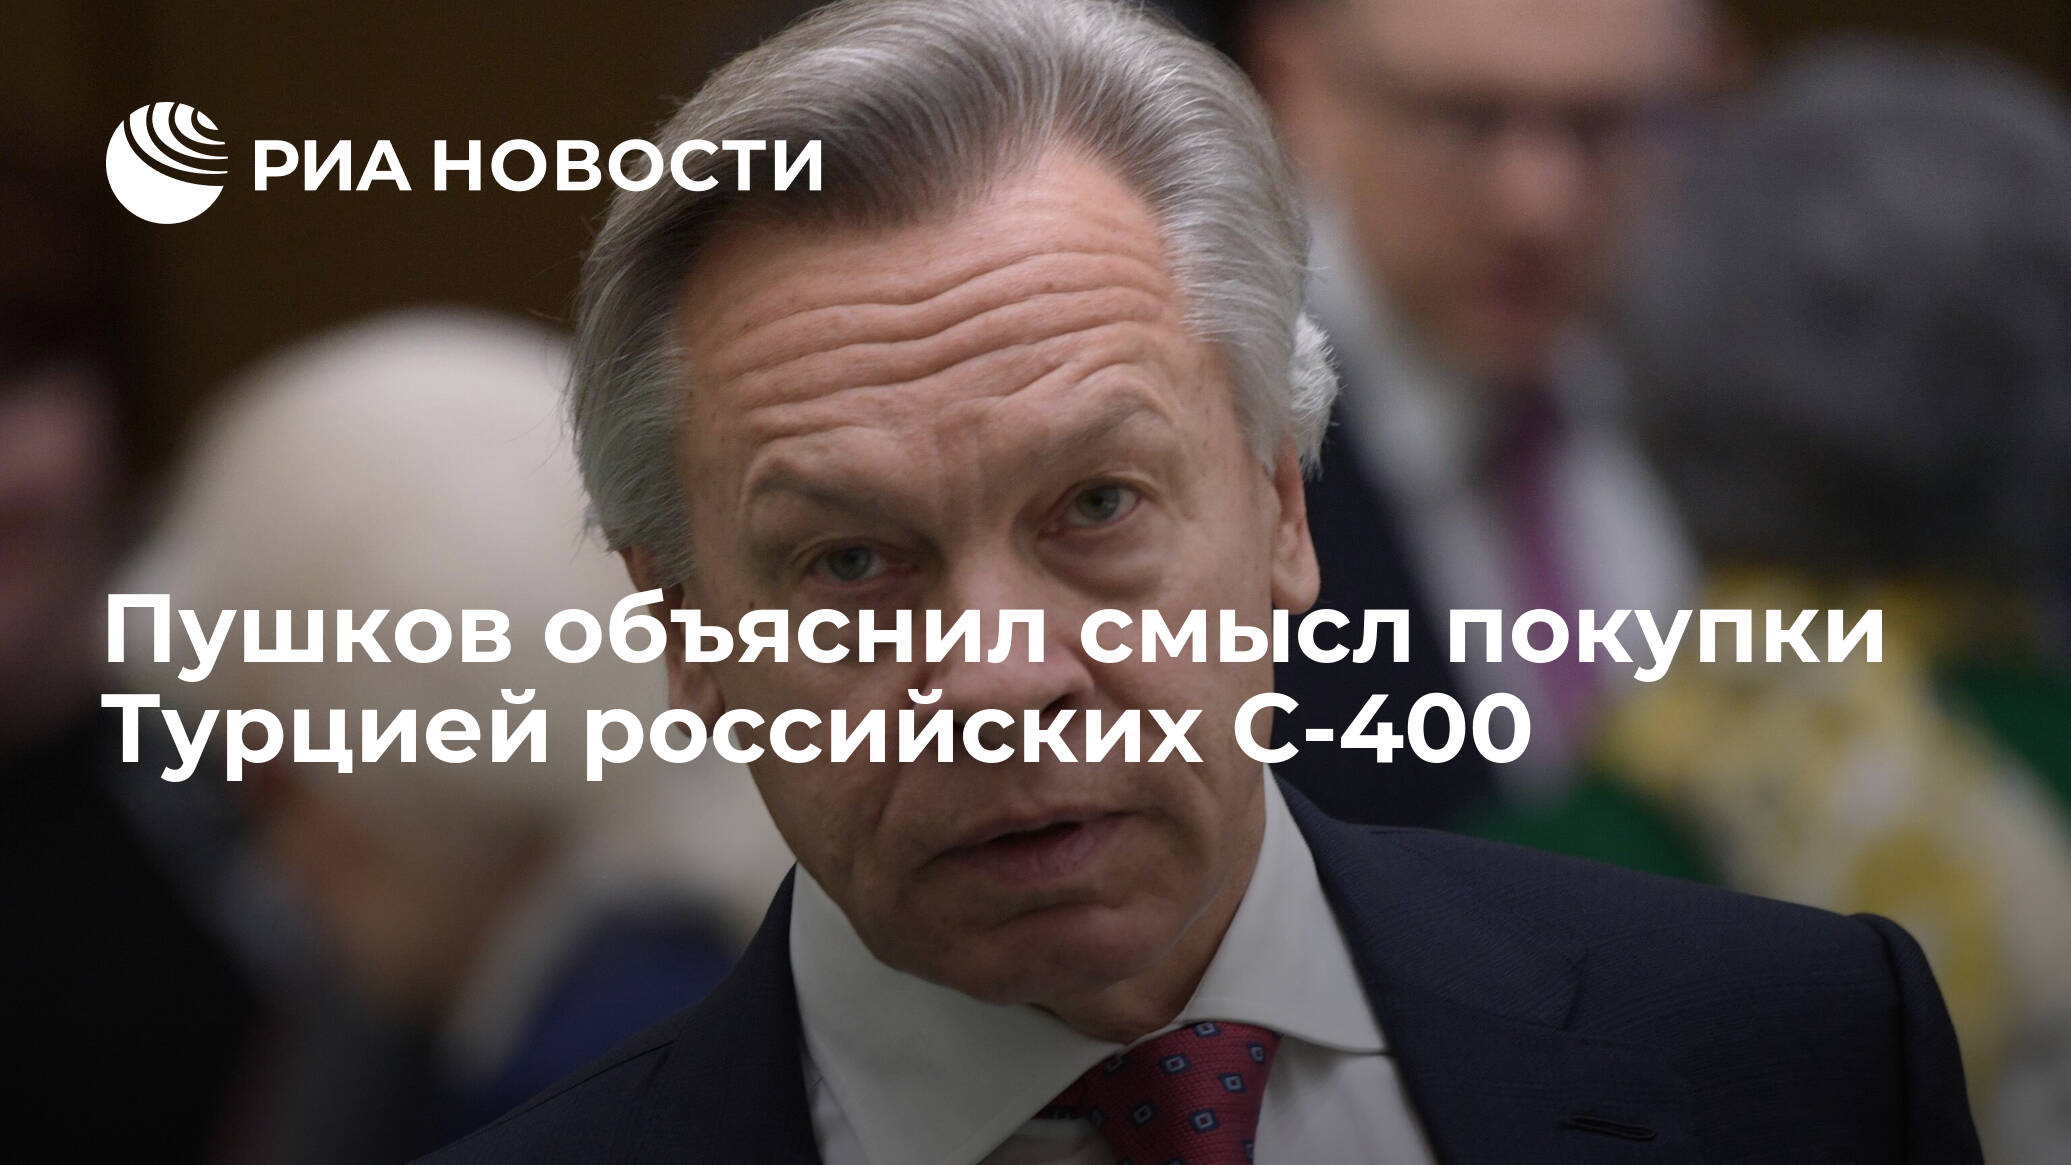 Пушков объяснил смысл покупки Турцией российских С-400